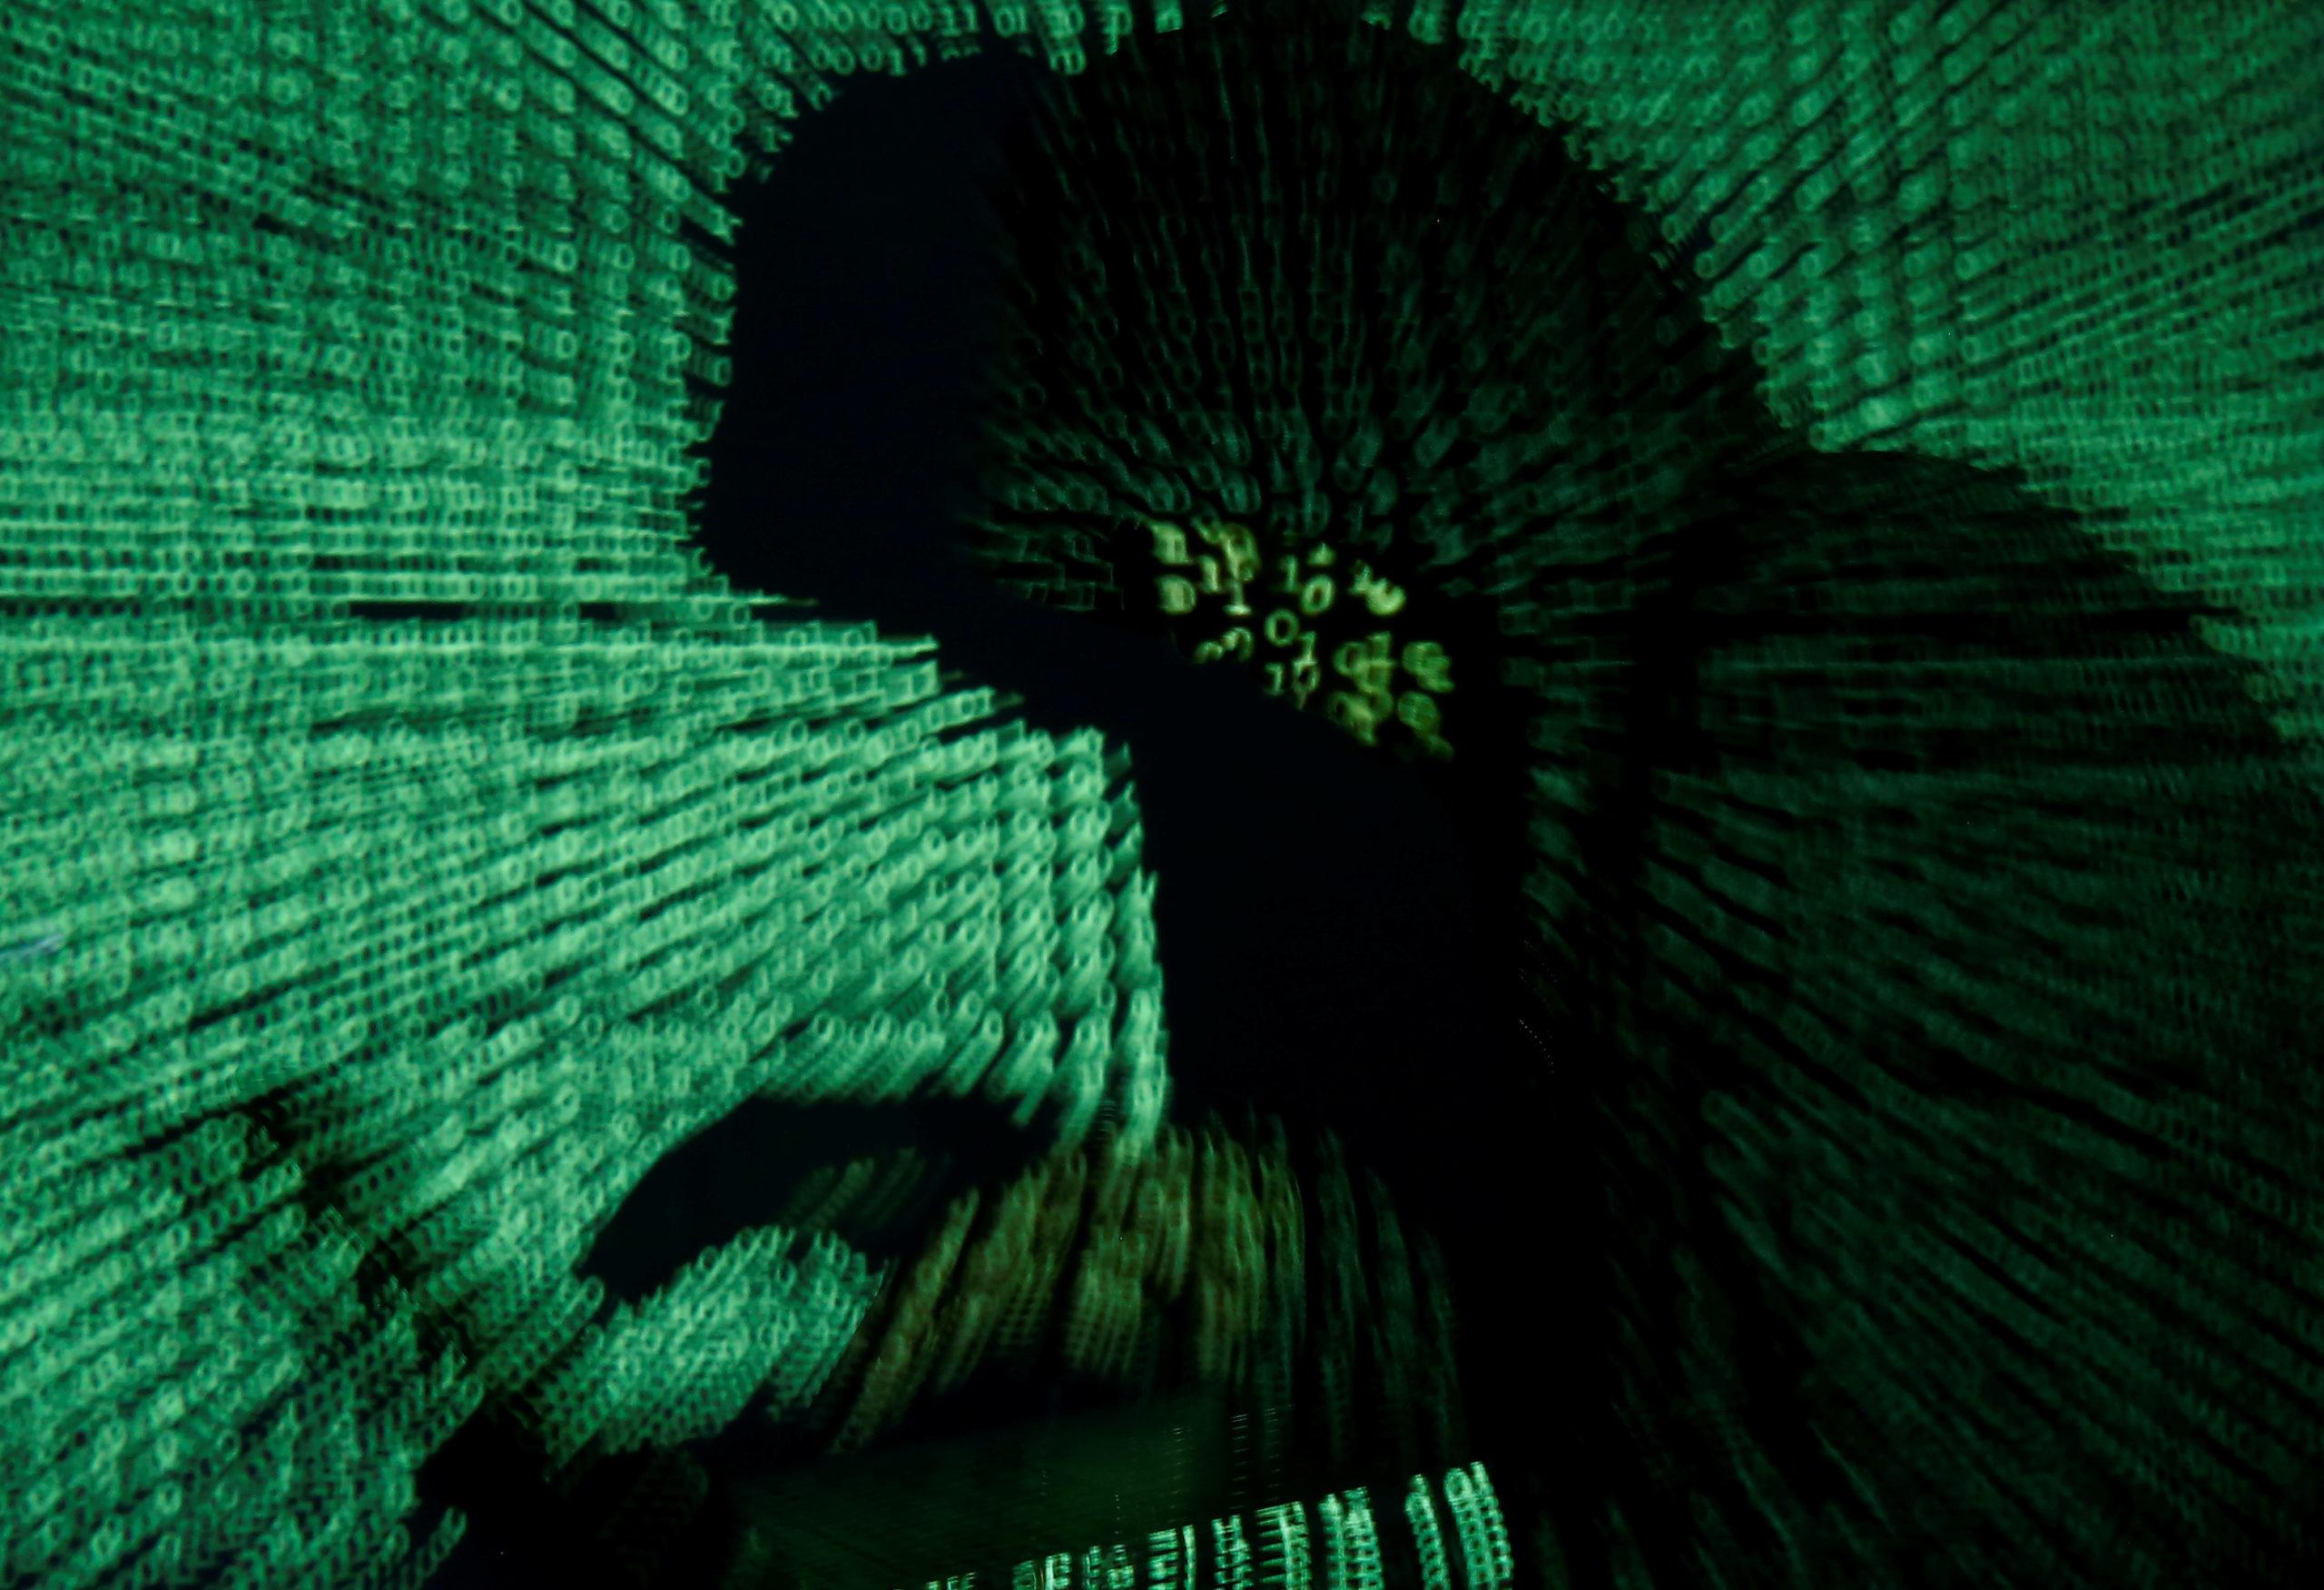 tagreuters.com2021binary_LYNXNPEH6405S-FILEDIMAGE